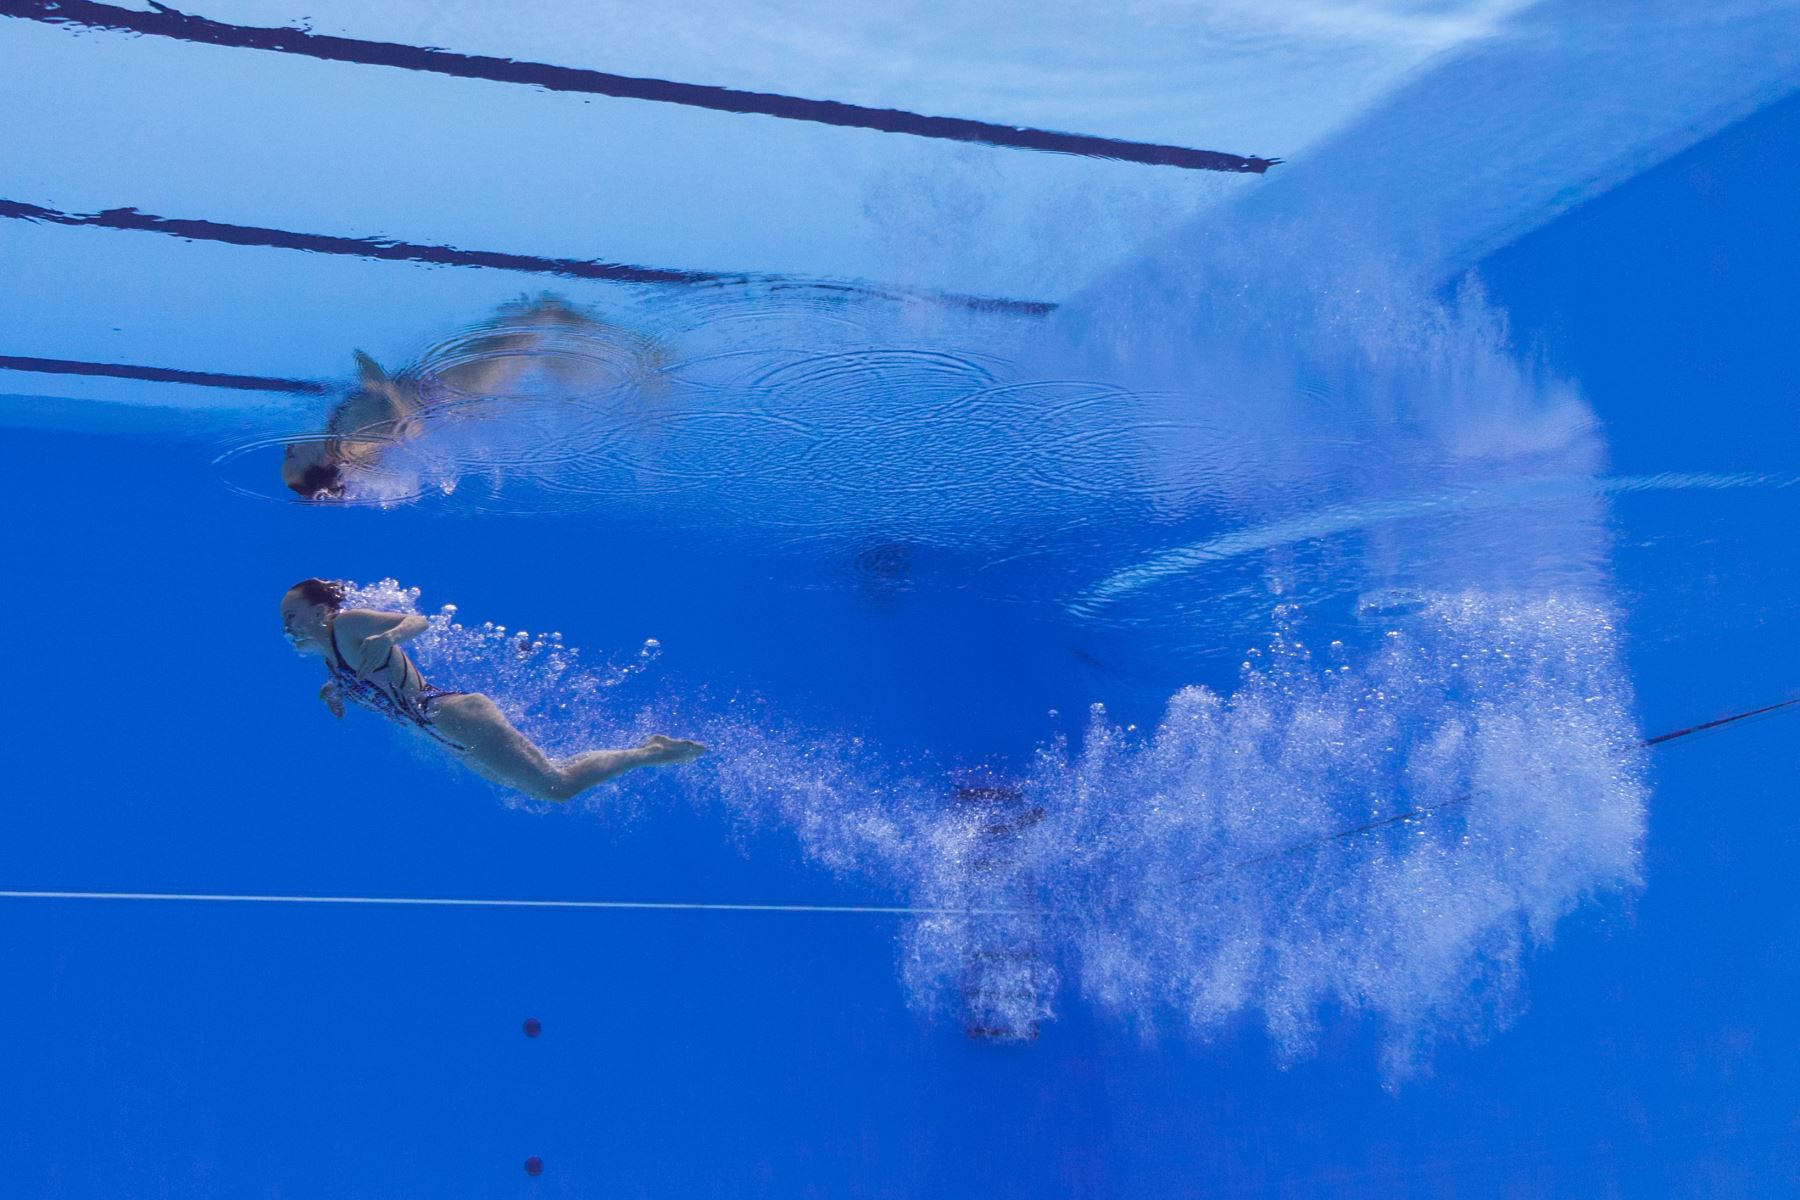 Marlene Bojer de Alemania compite en el evento de natación técnica artística en solitario durante el Campeonato Mundial 2019. Foto: AFP